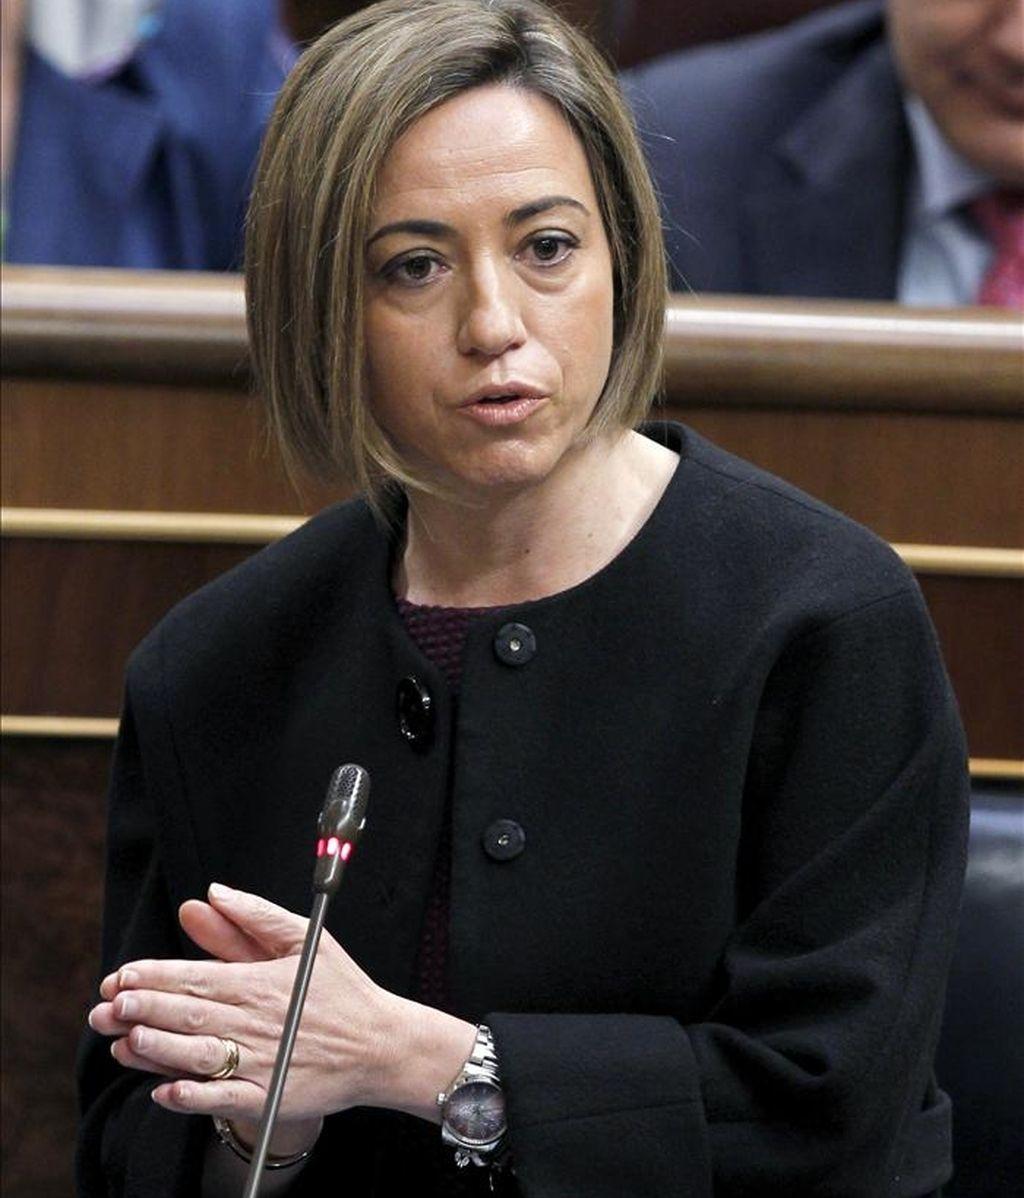 La ministra de Defensa, Carme Chacón, en el pleno del Congreso de ayer. EFE